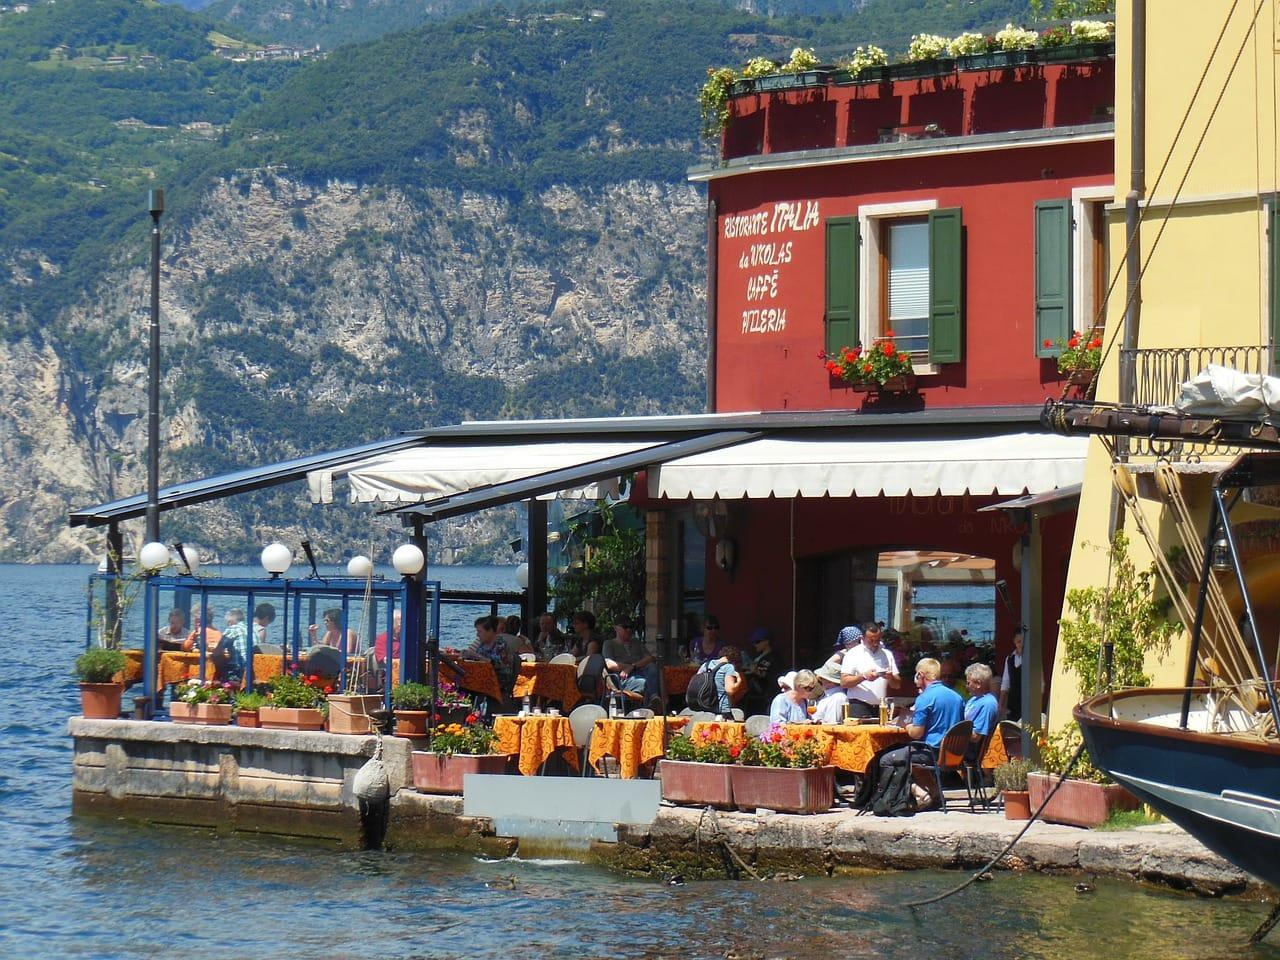 מסעדה במלצ'זינה